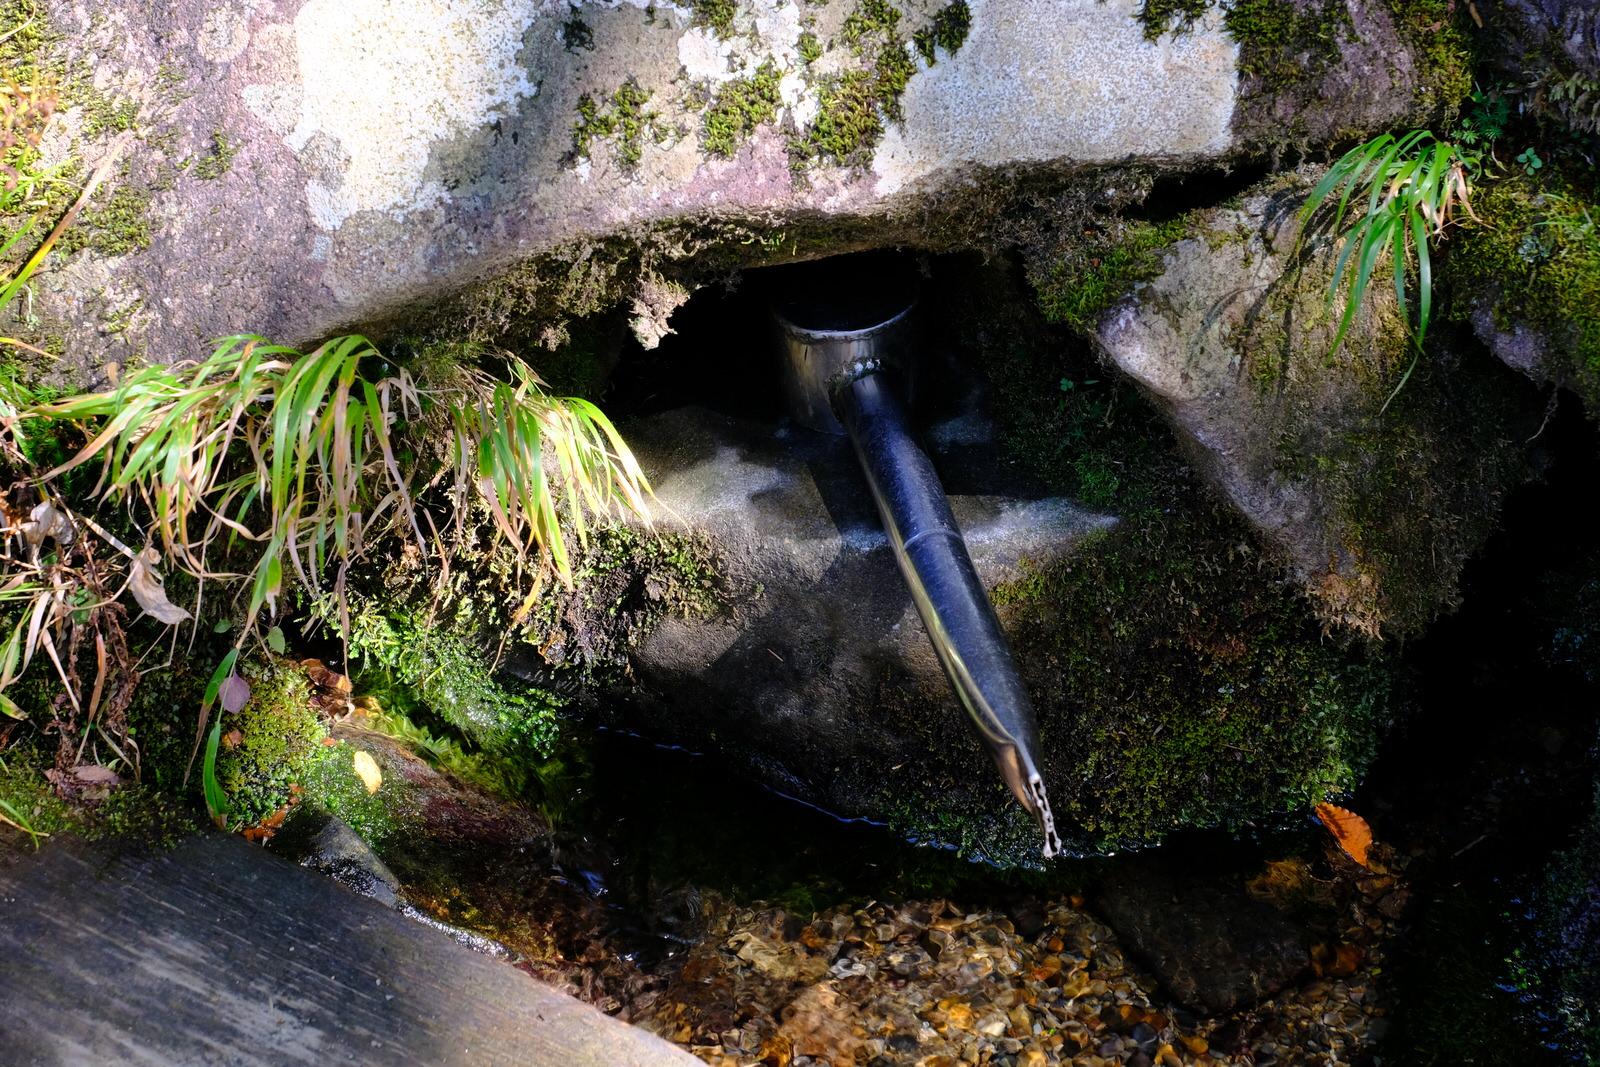 【登山者が選ぶ】山の水を飲めるウォーターサーバー3選と選び方